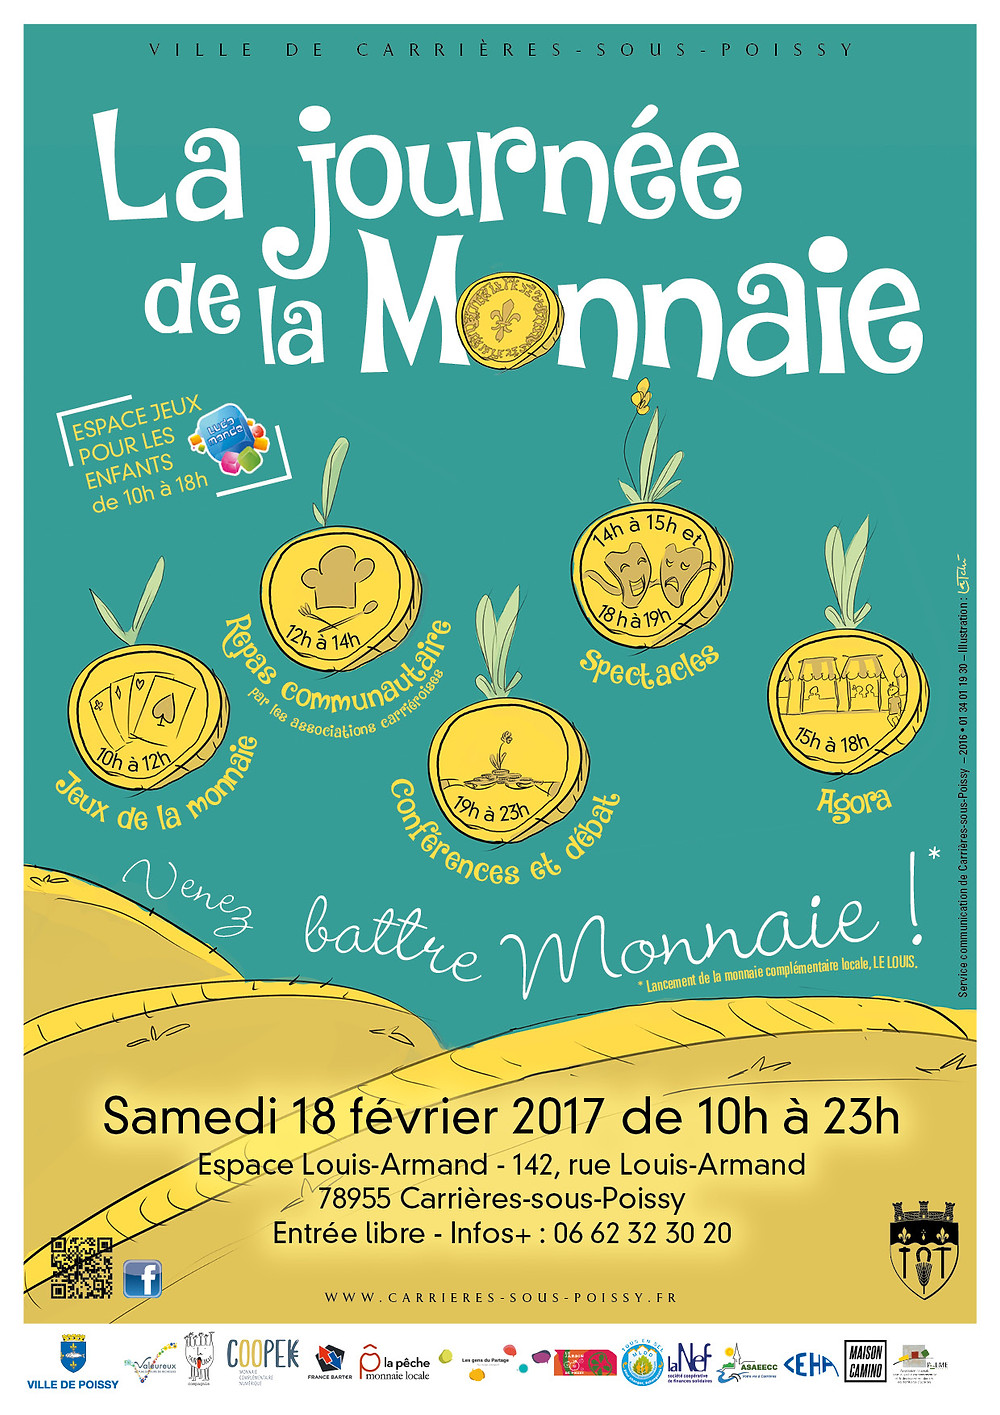 Journée de la monnaie à Carrières-sous-Poissy